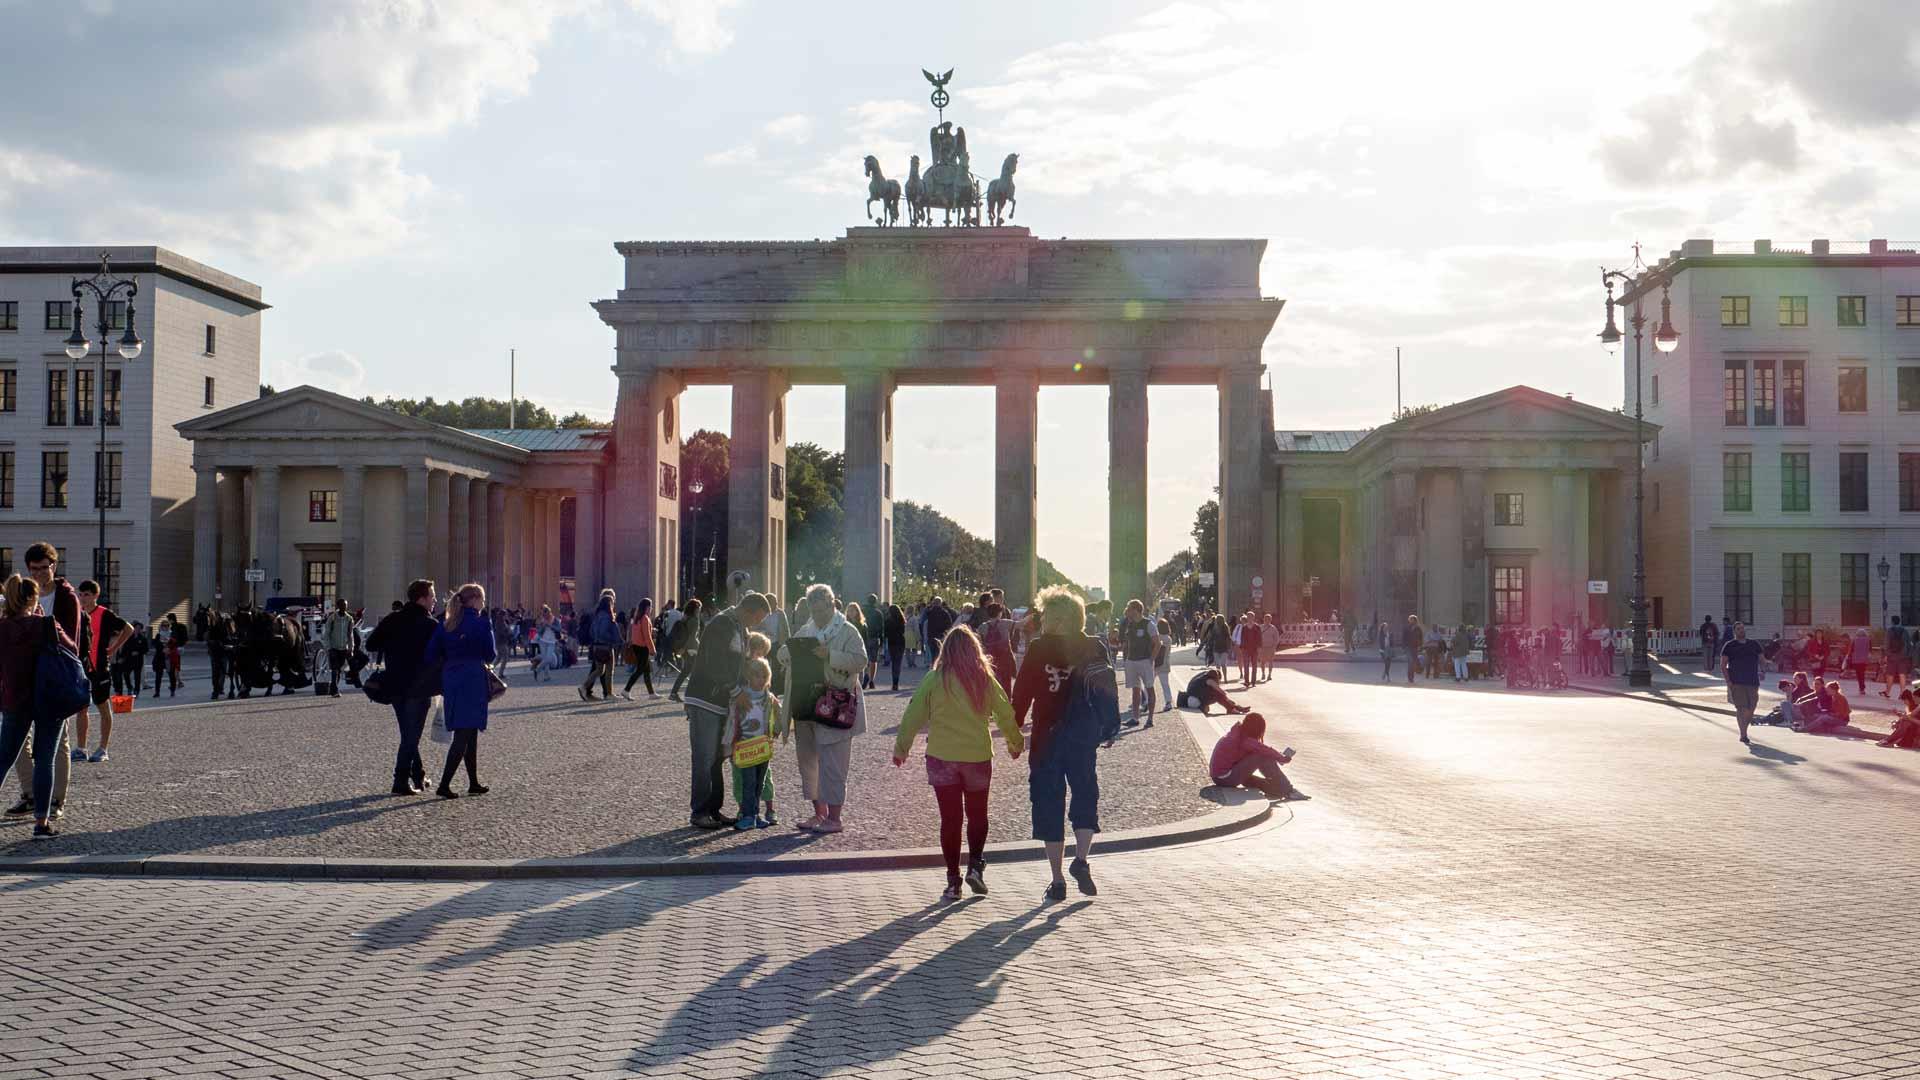 Brandenburgin portilla on tehty monesti historiaa. Portti ehti olla 40 vuotta jaetun kaupungin rajalla.